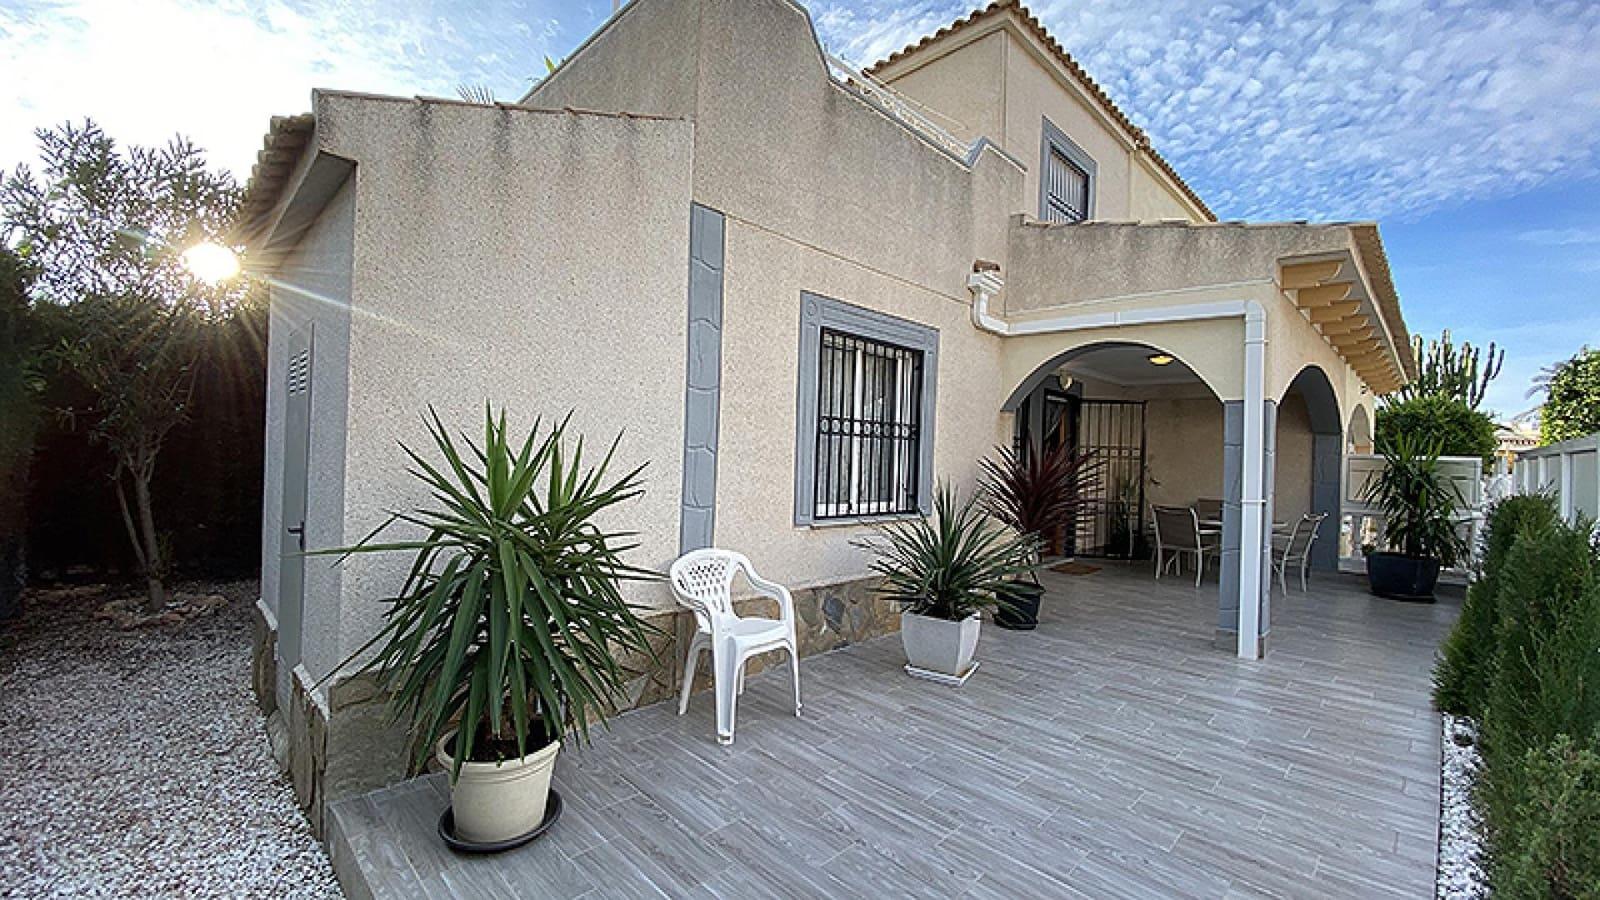 Casa de 3 habitaciones en Playa Flamenca en venta - 148.000 € (Ref: 5050840)